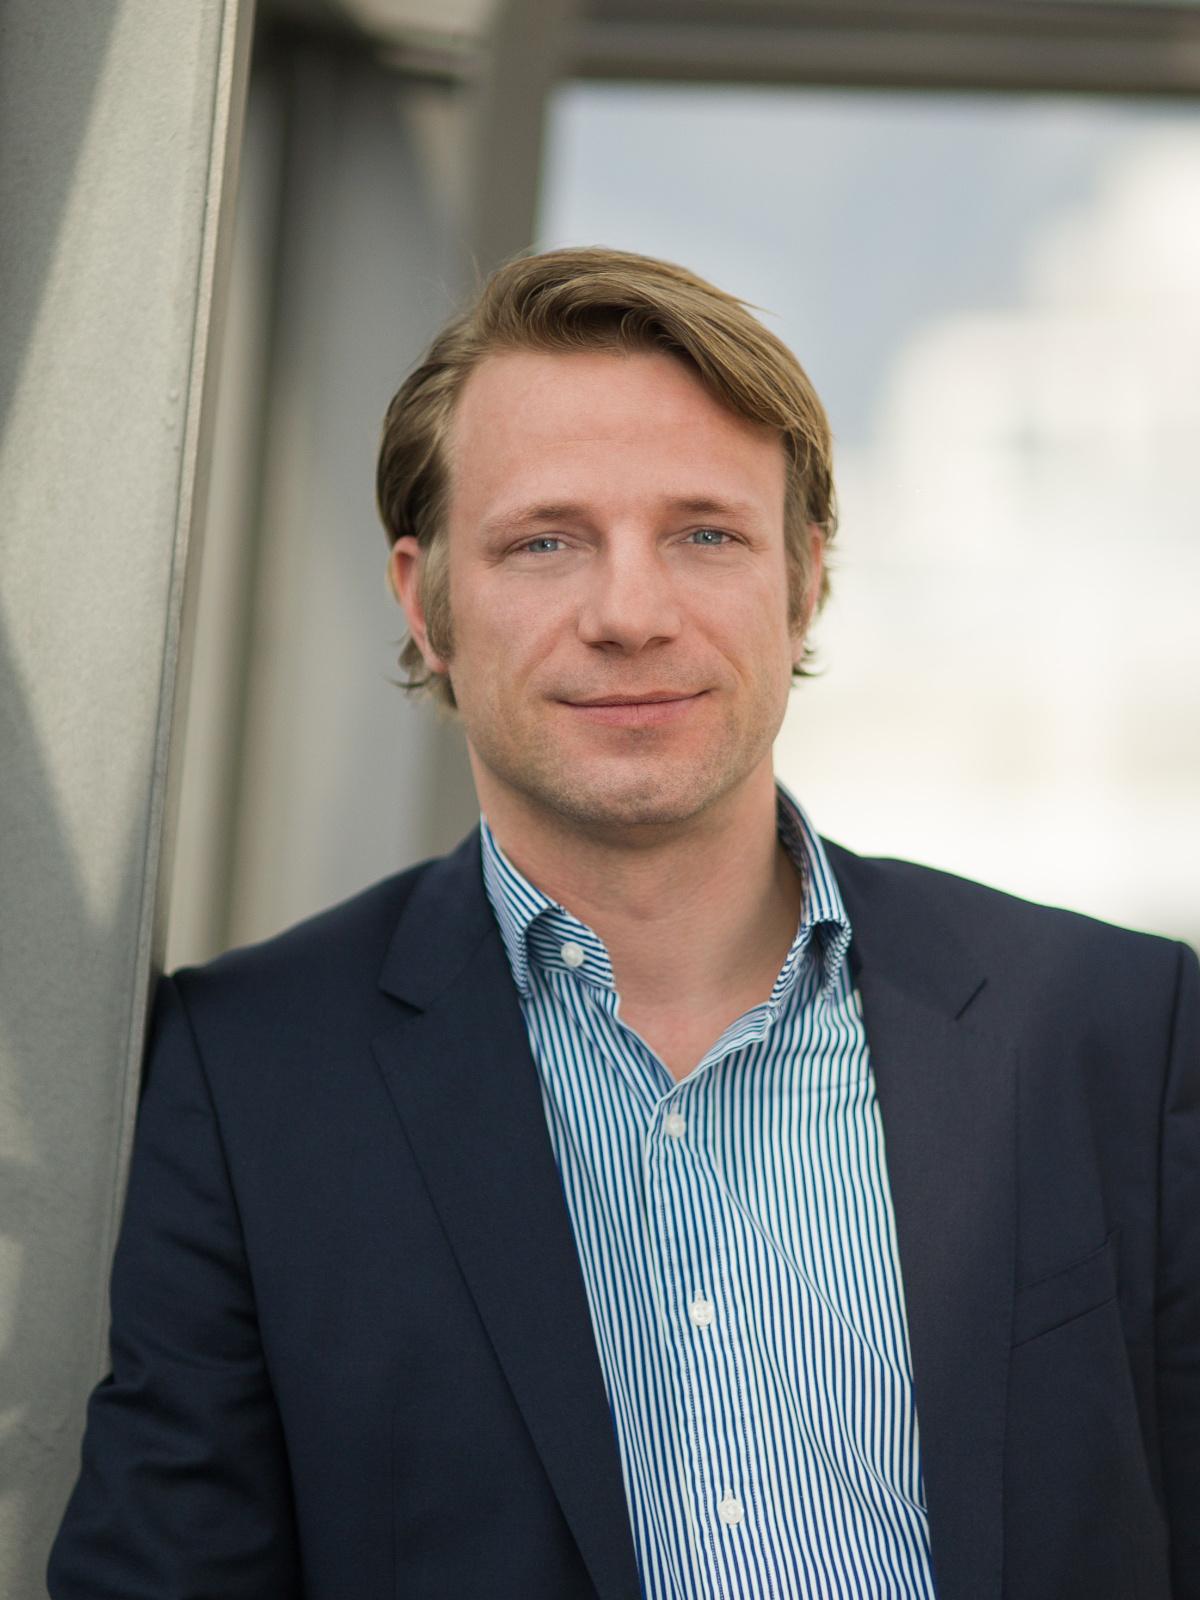 Florian Krochmann